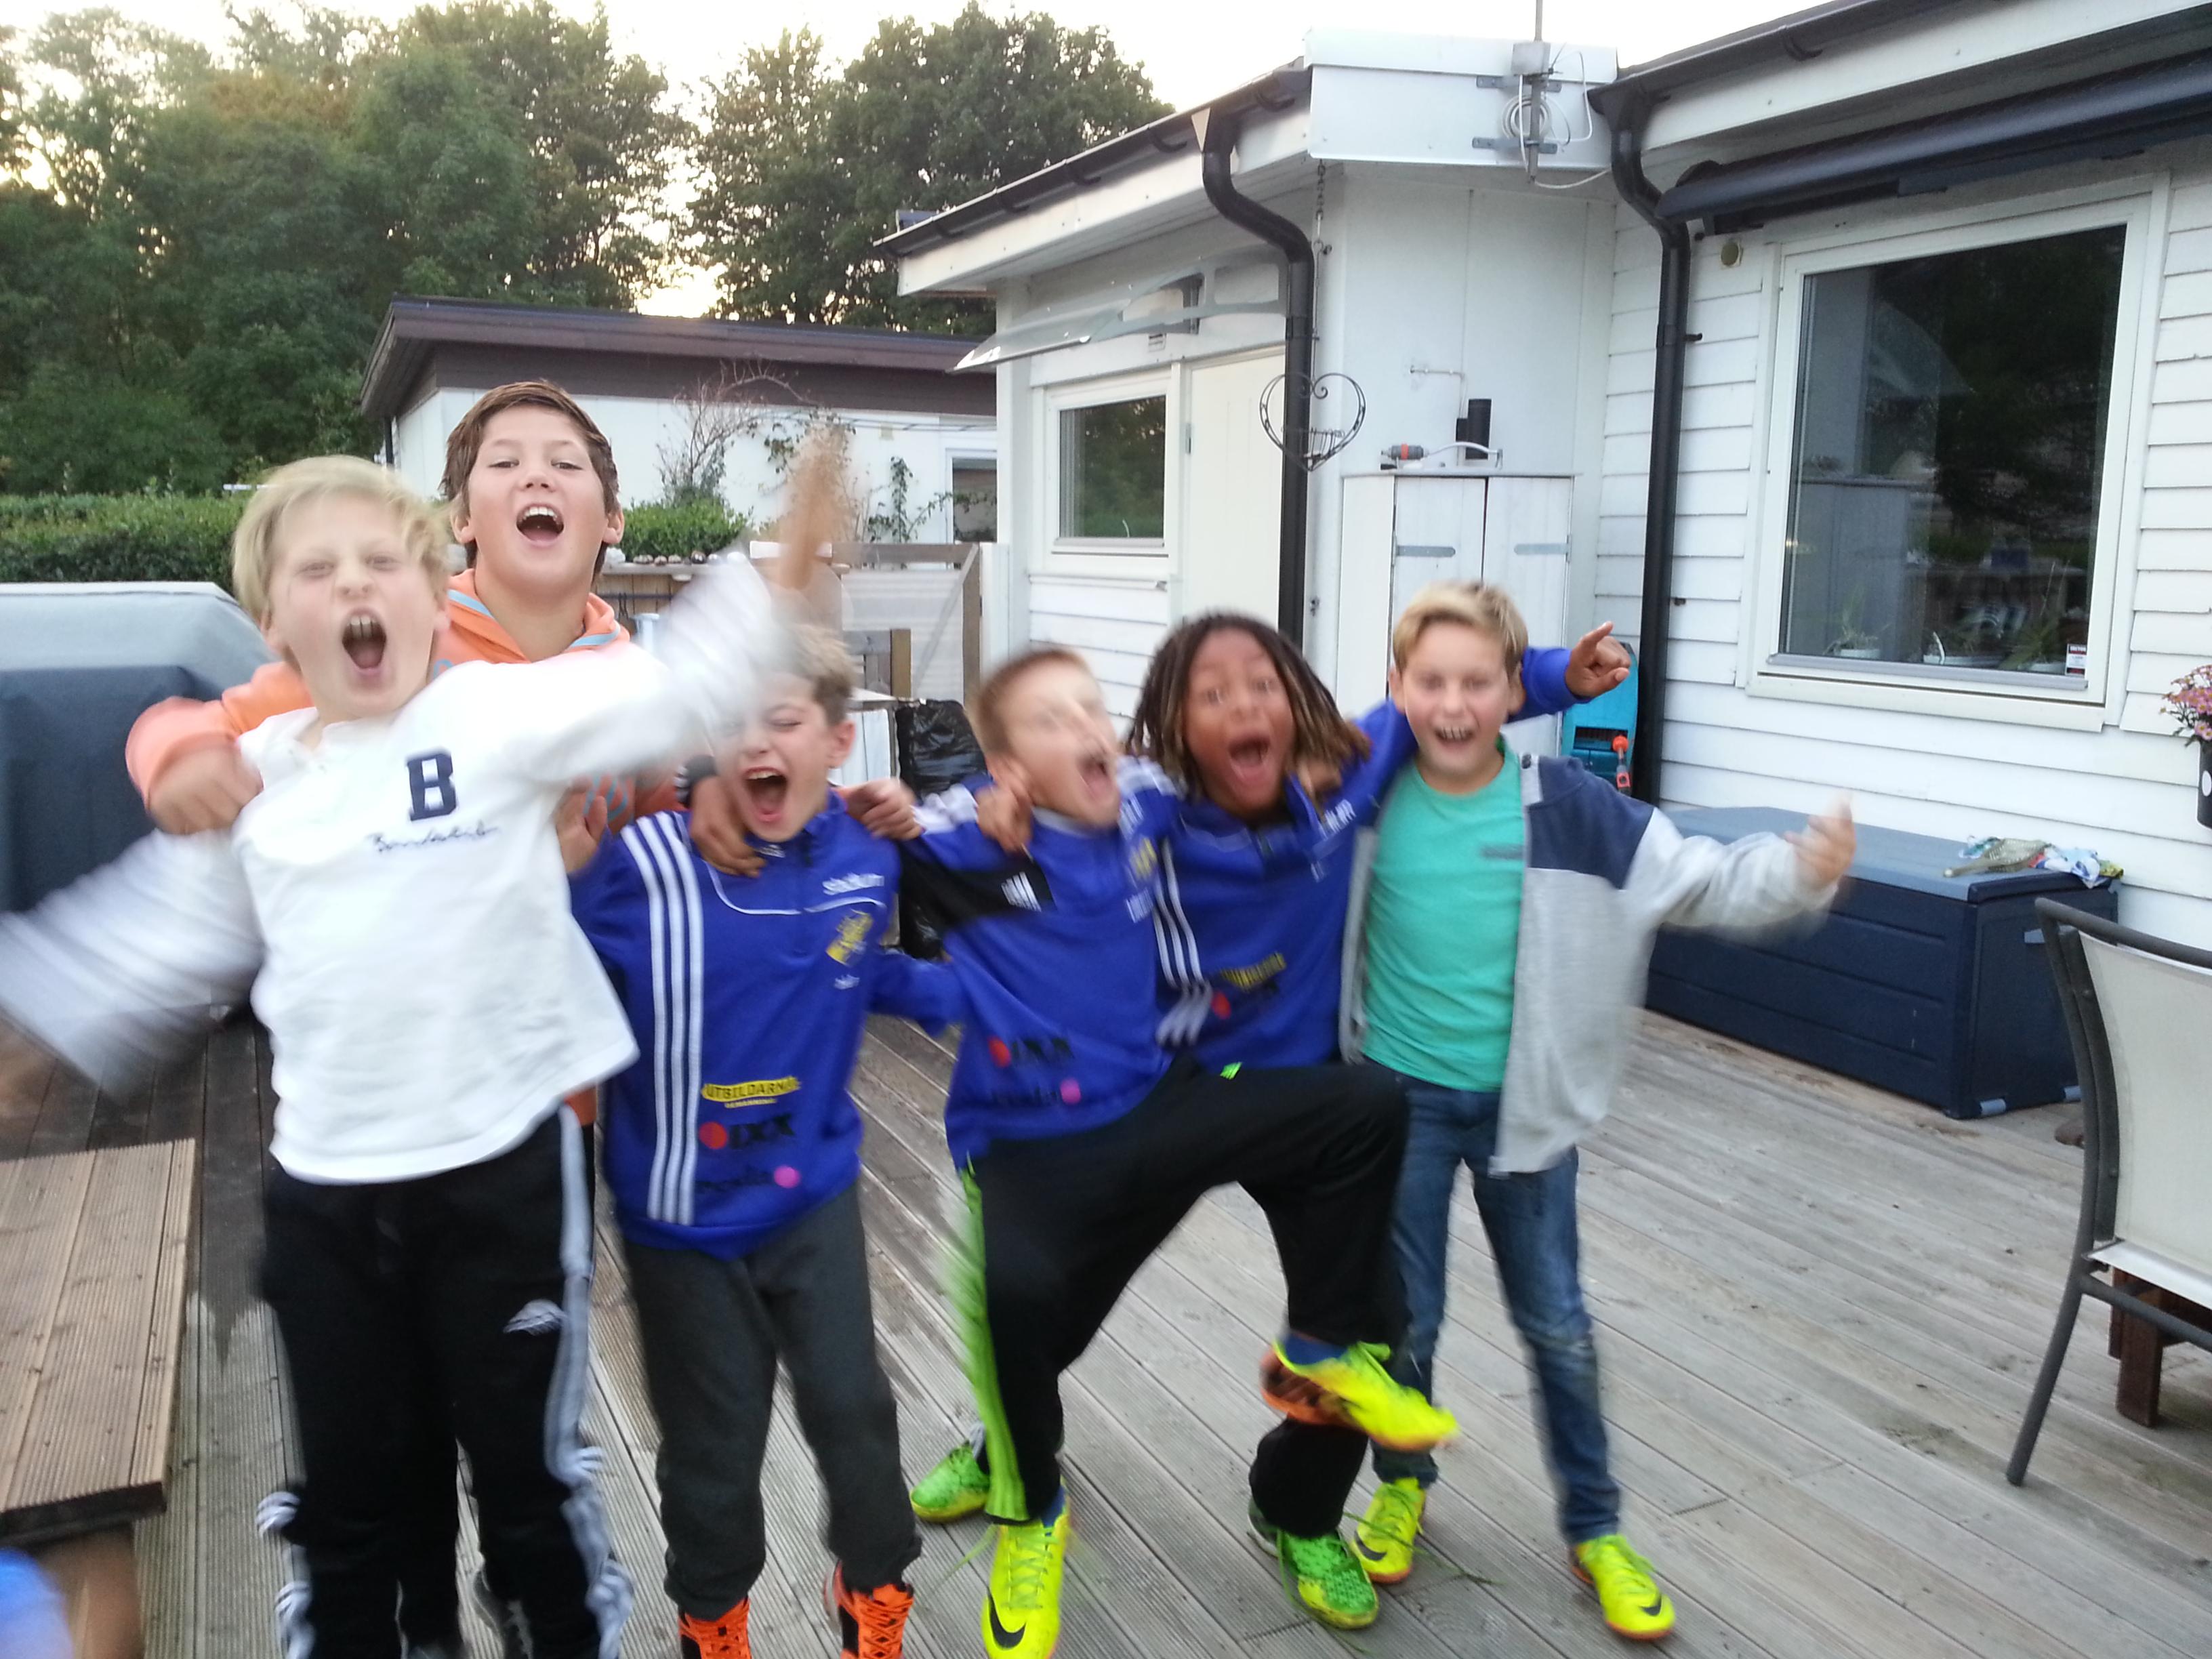 kalas 10 år kille Max och Zeb firar 10 år med fotbollskillarna | Zeb Krigaren kalas 10 år kille